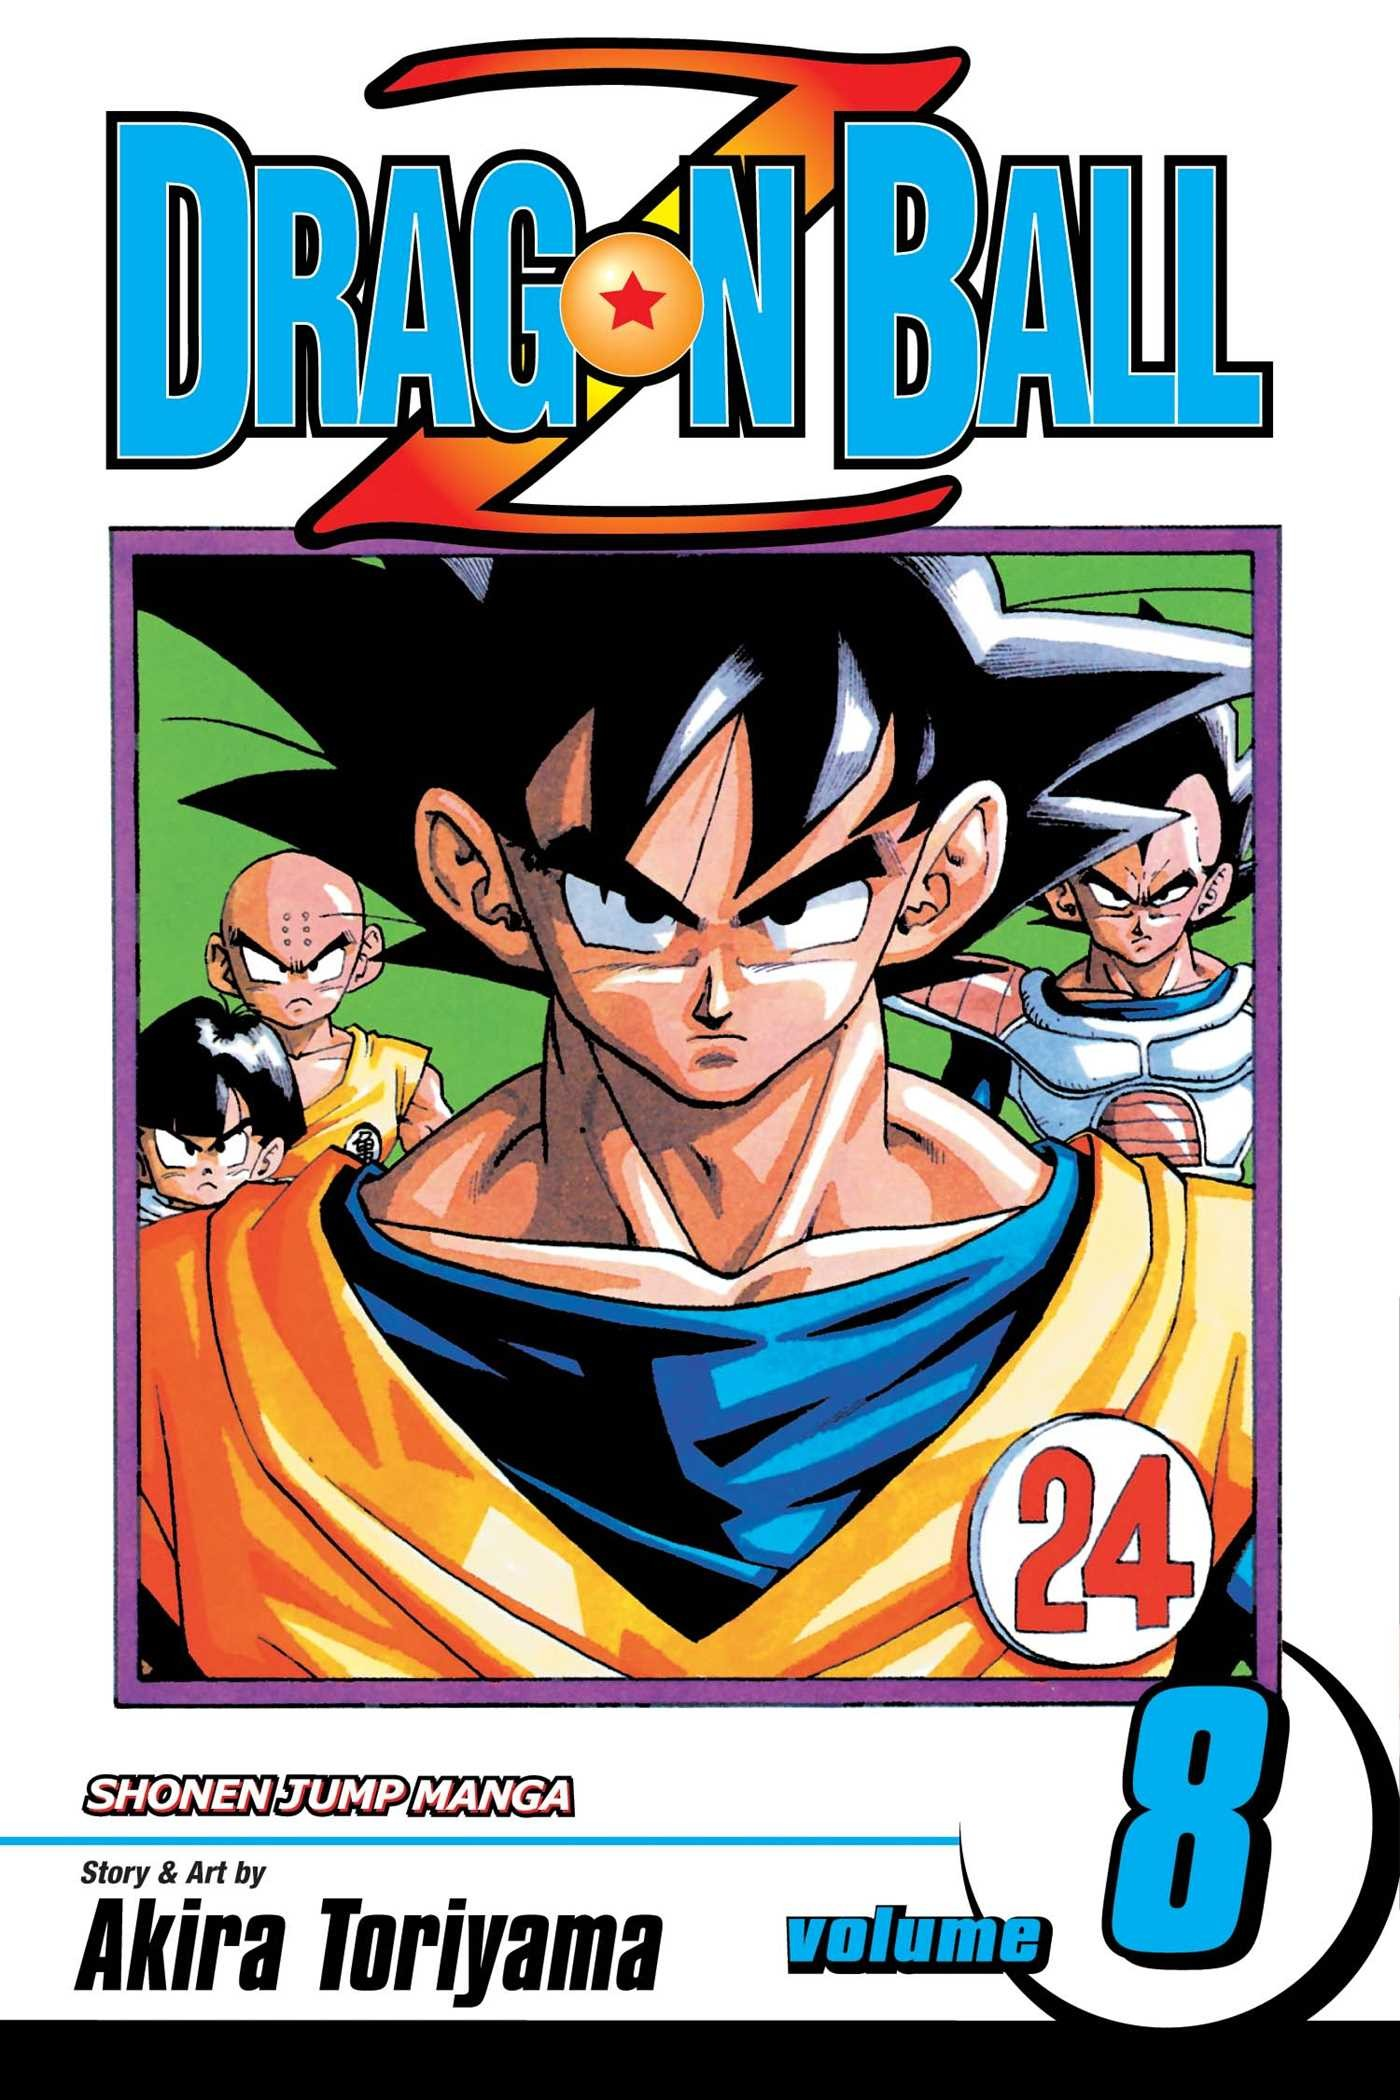 Dragon Ball Z, Vol. 08 by Akira Toriyama